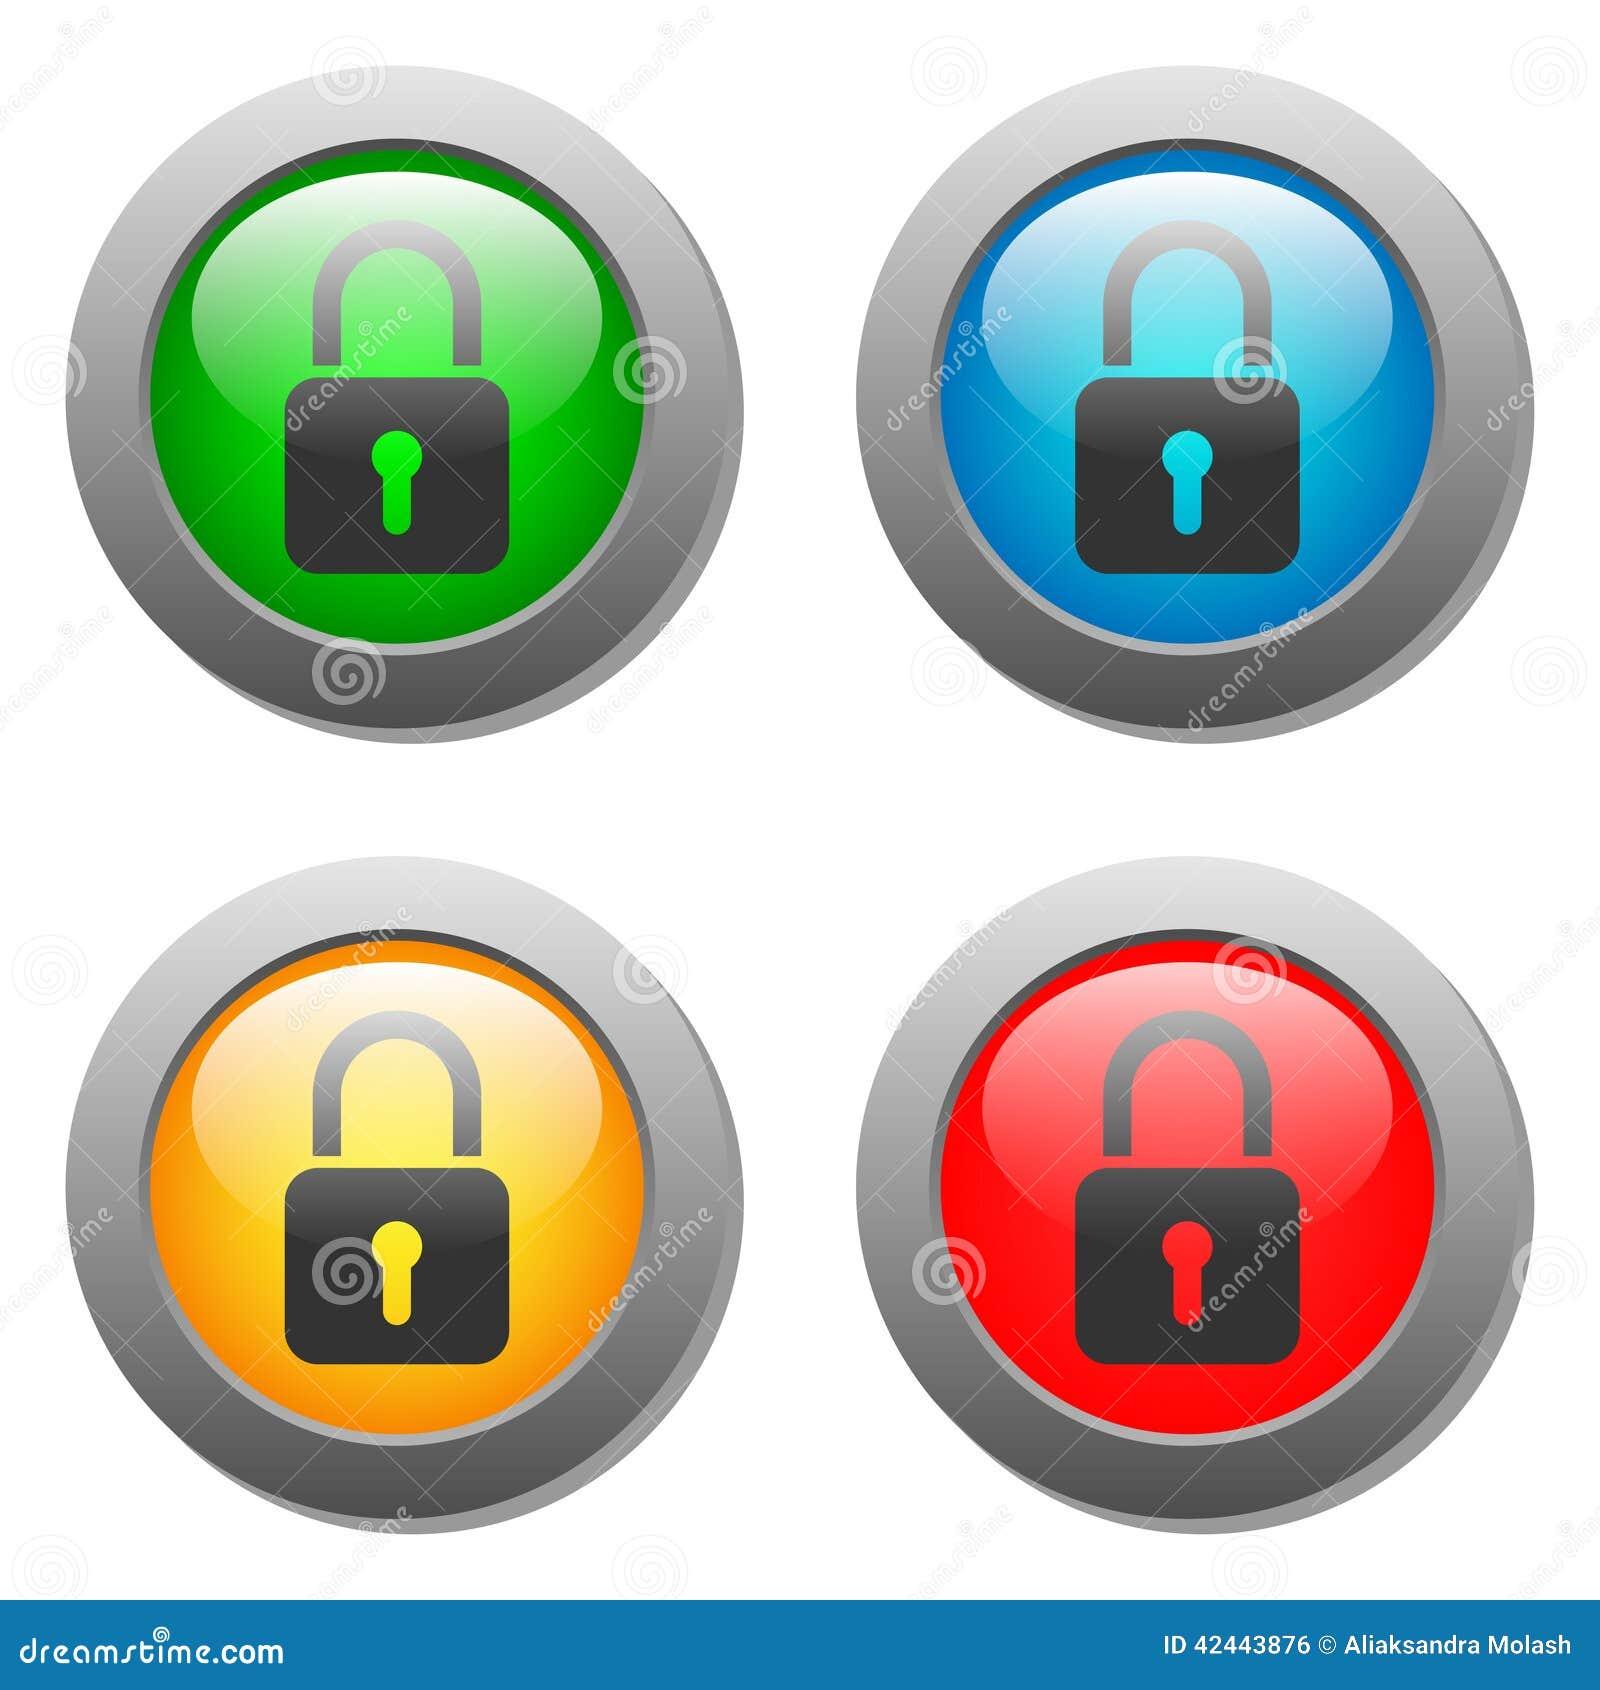 Icono cerrado de la cerradura en el sistema de cristal del botón